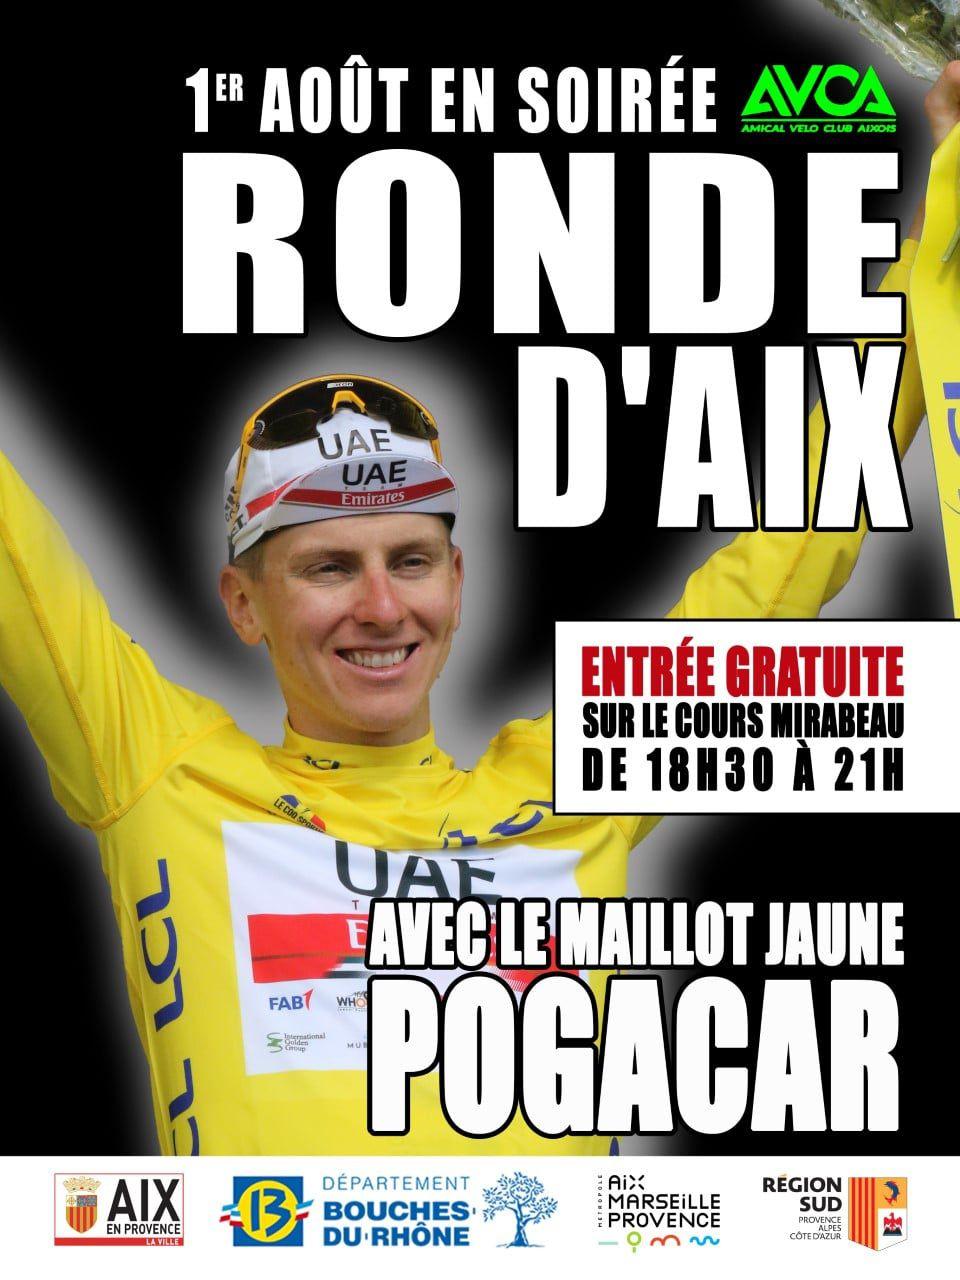 La Ronde d'Aix, c'est dimanche prochain !